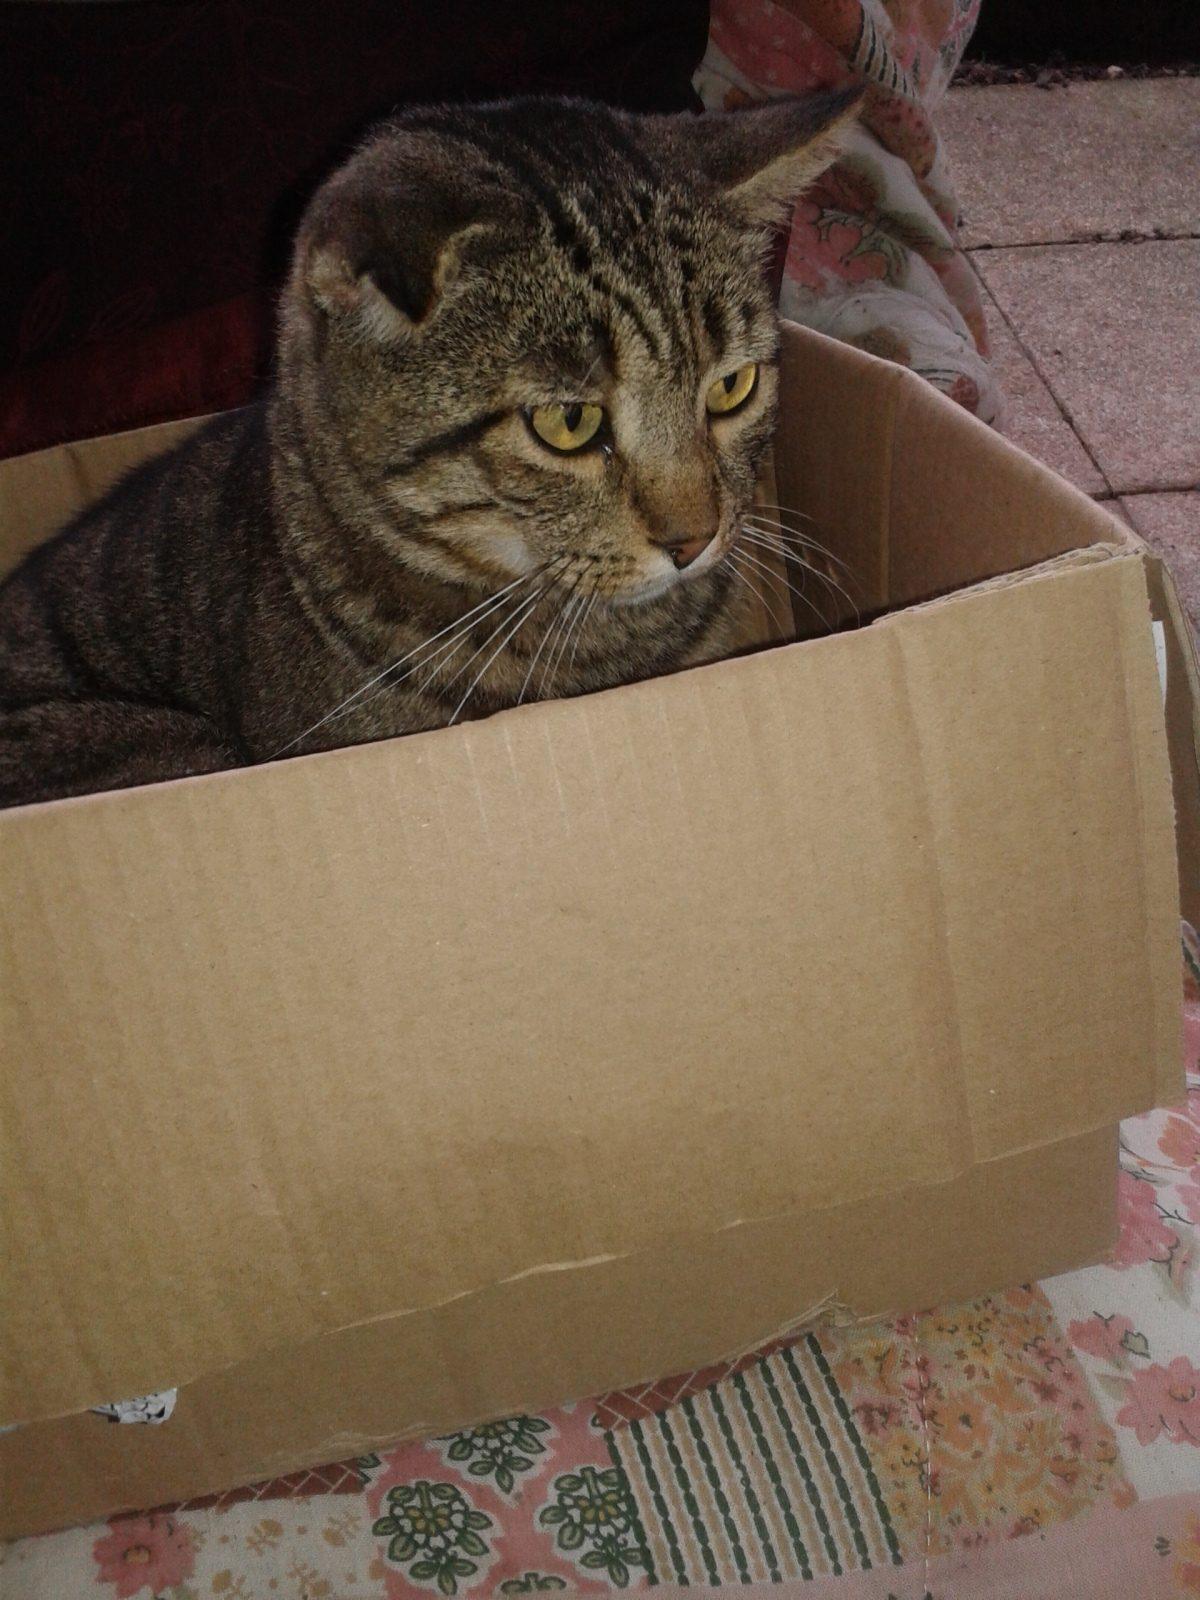 FIV e FELV a confronto: le differenze tra le due principali malattie infettive del gatto